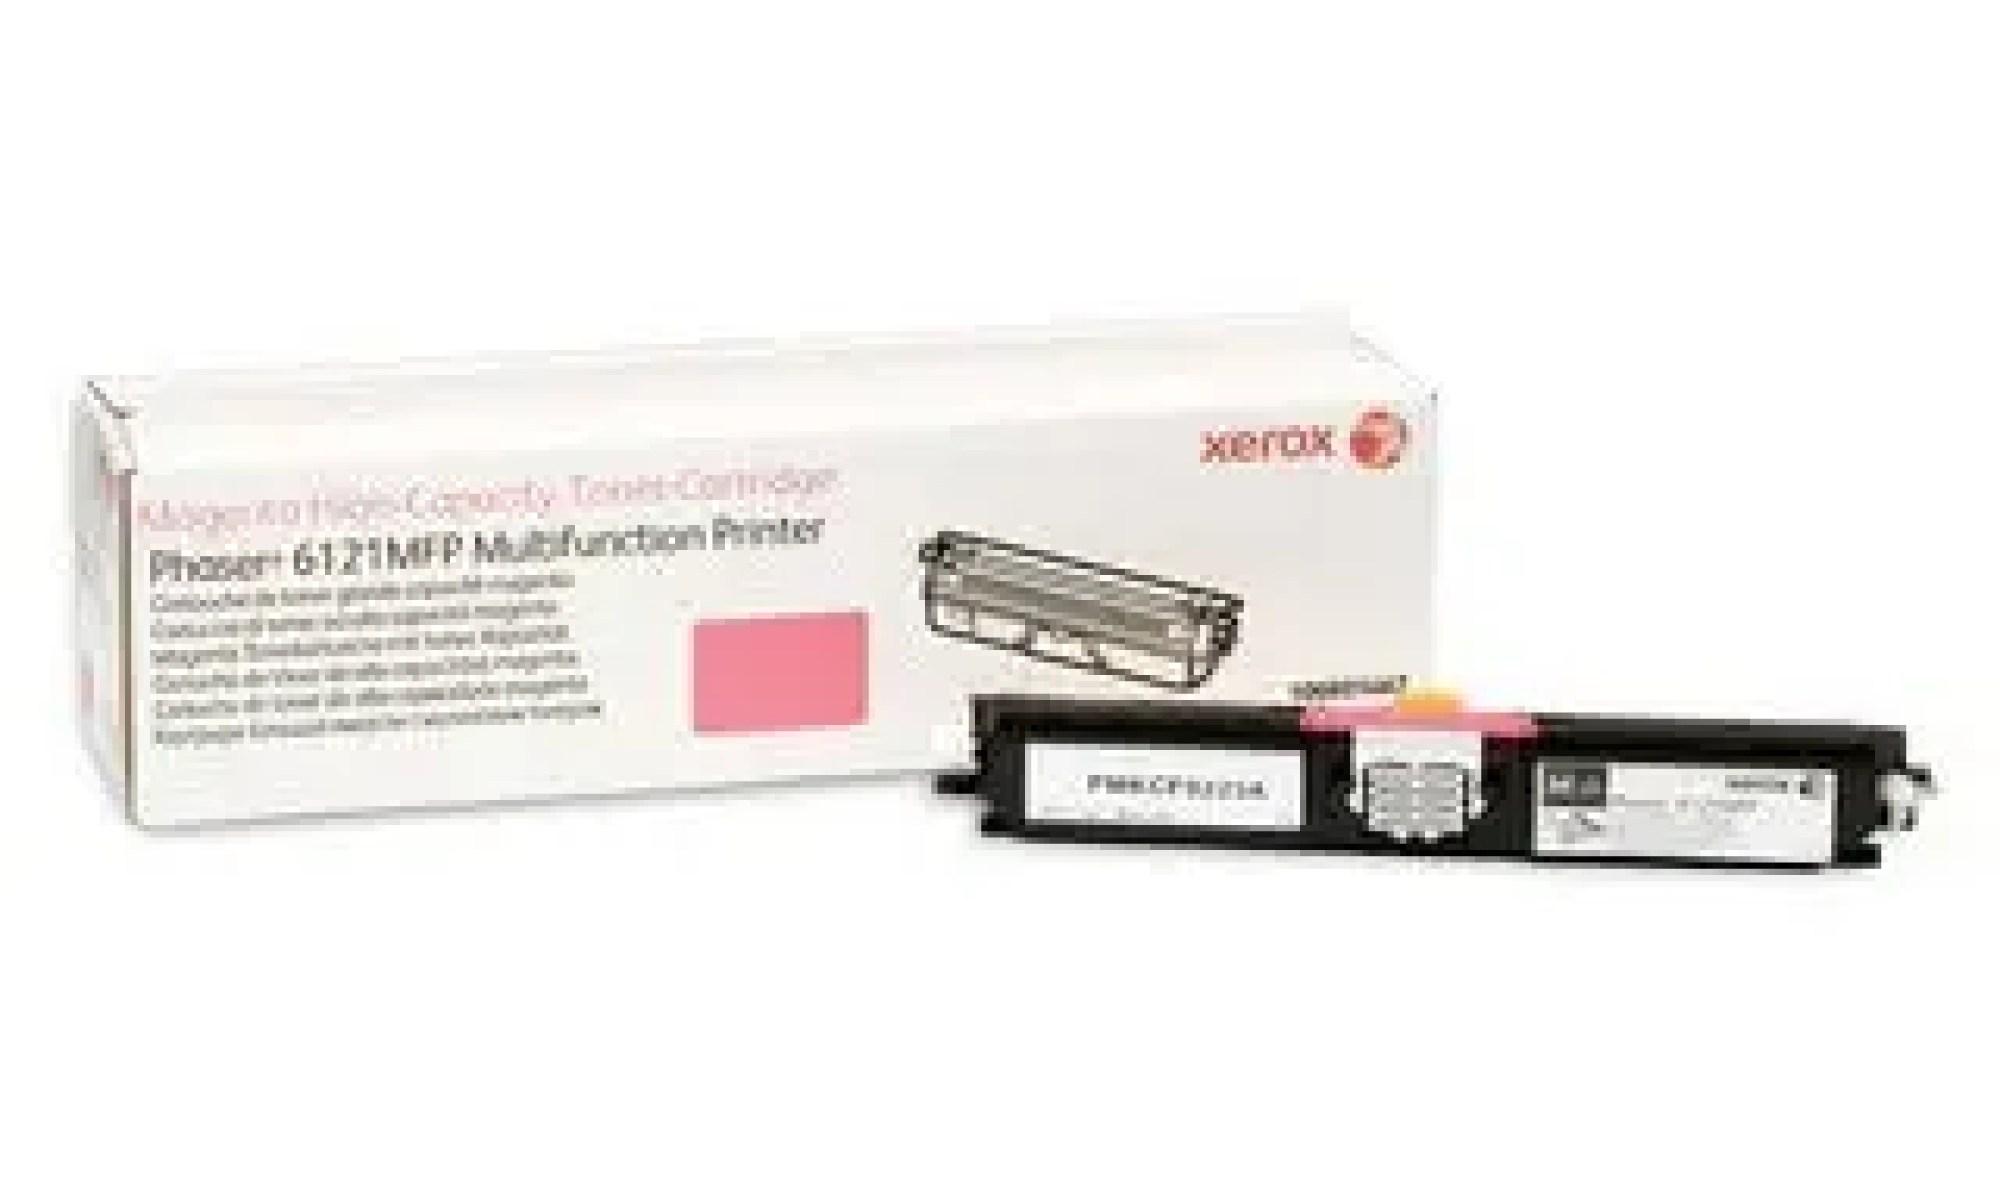 106R01474 Toner capacitate mare magenta pentru Phaser 6121 MFP